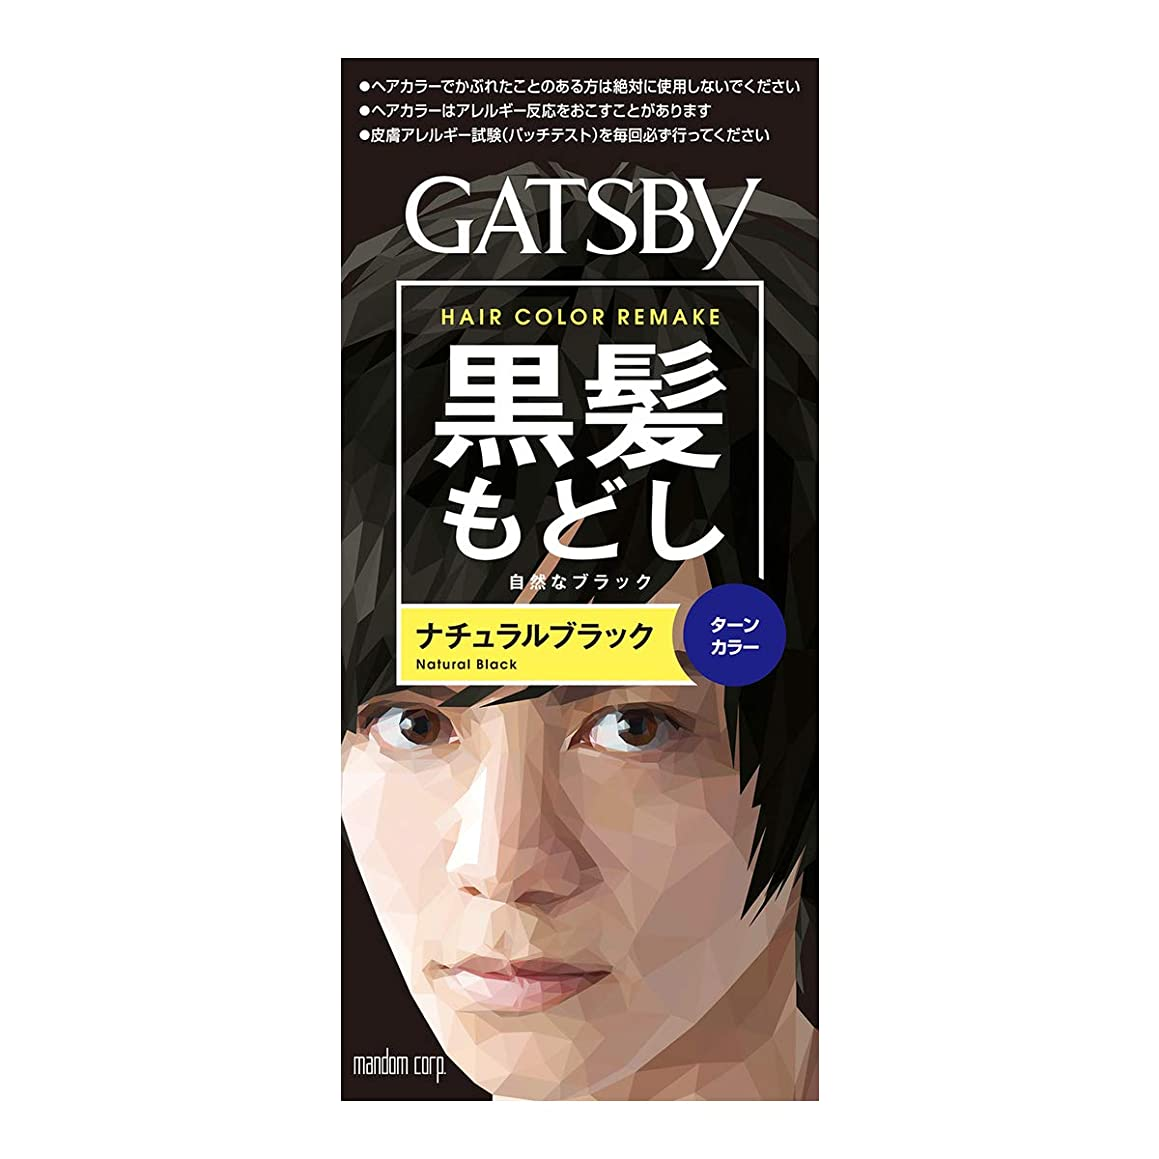 パン若さ失効GATSBY(ギャツビー) ターンカラー ナチュラルブラック 1剤35g 2剤70mL (医薬部外品)